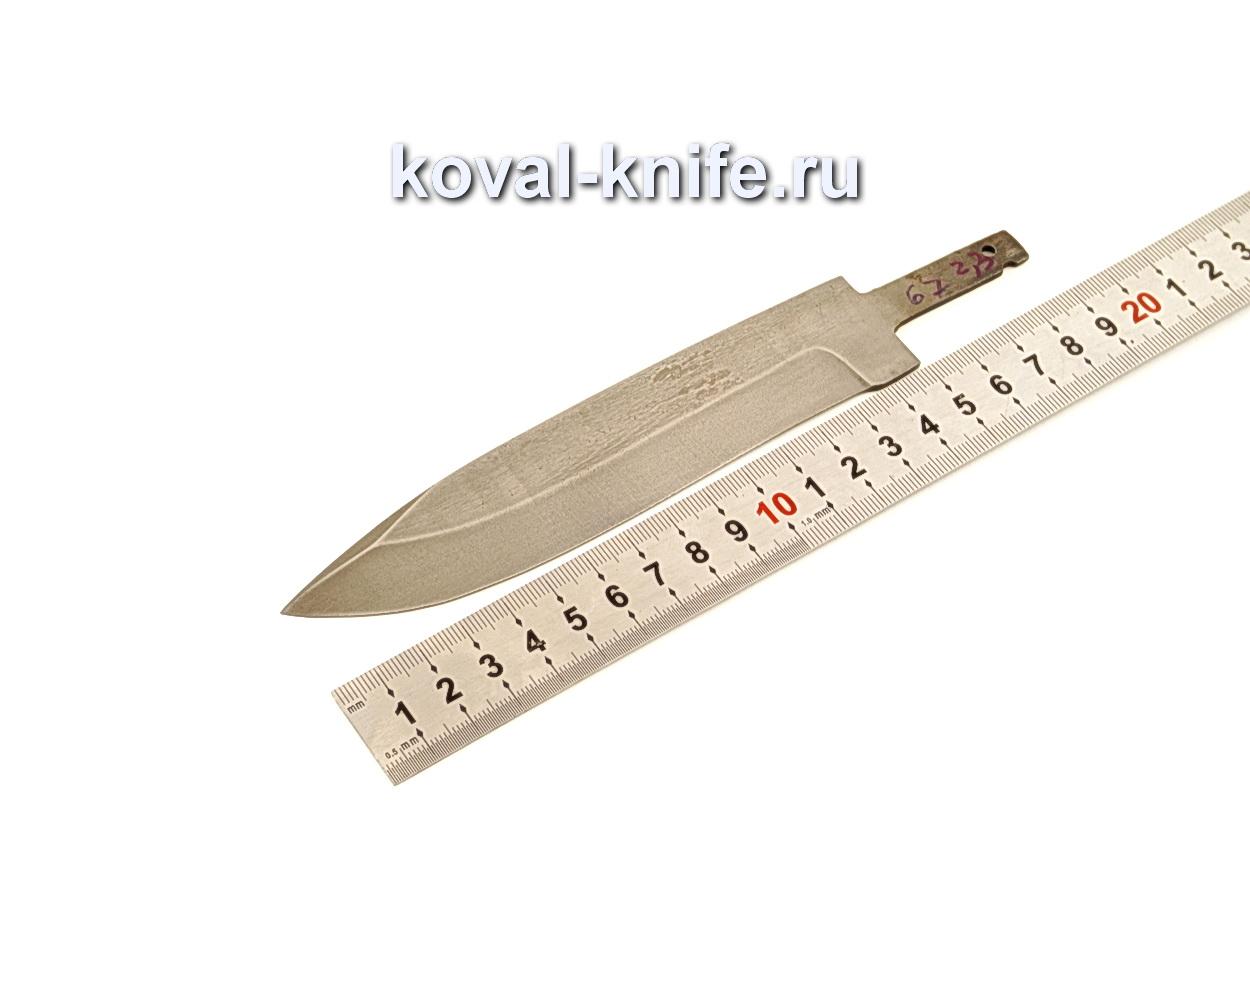 Клинок для ножа из кованой стали ХВГ N67